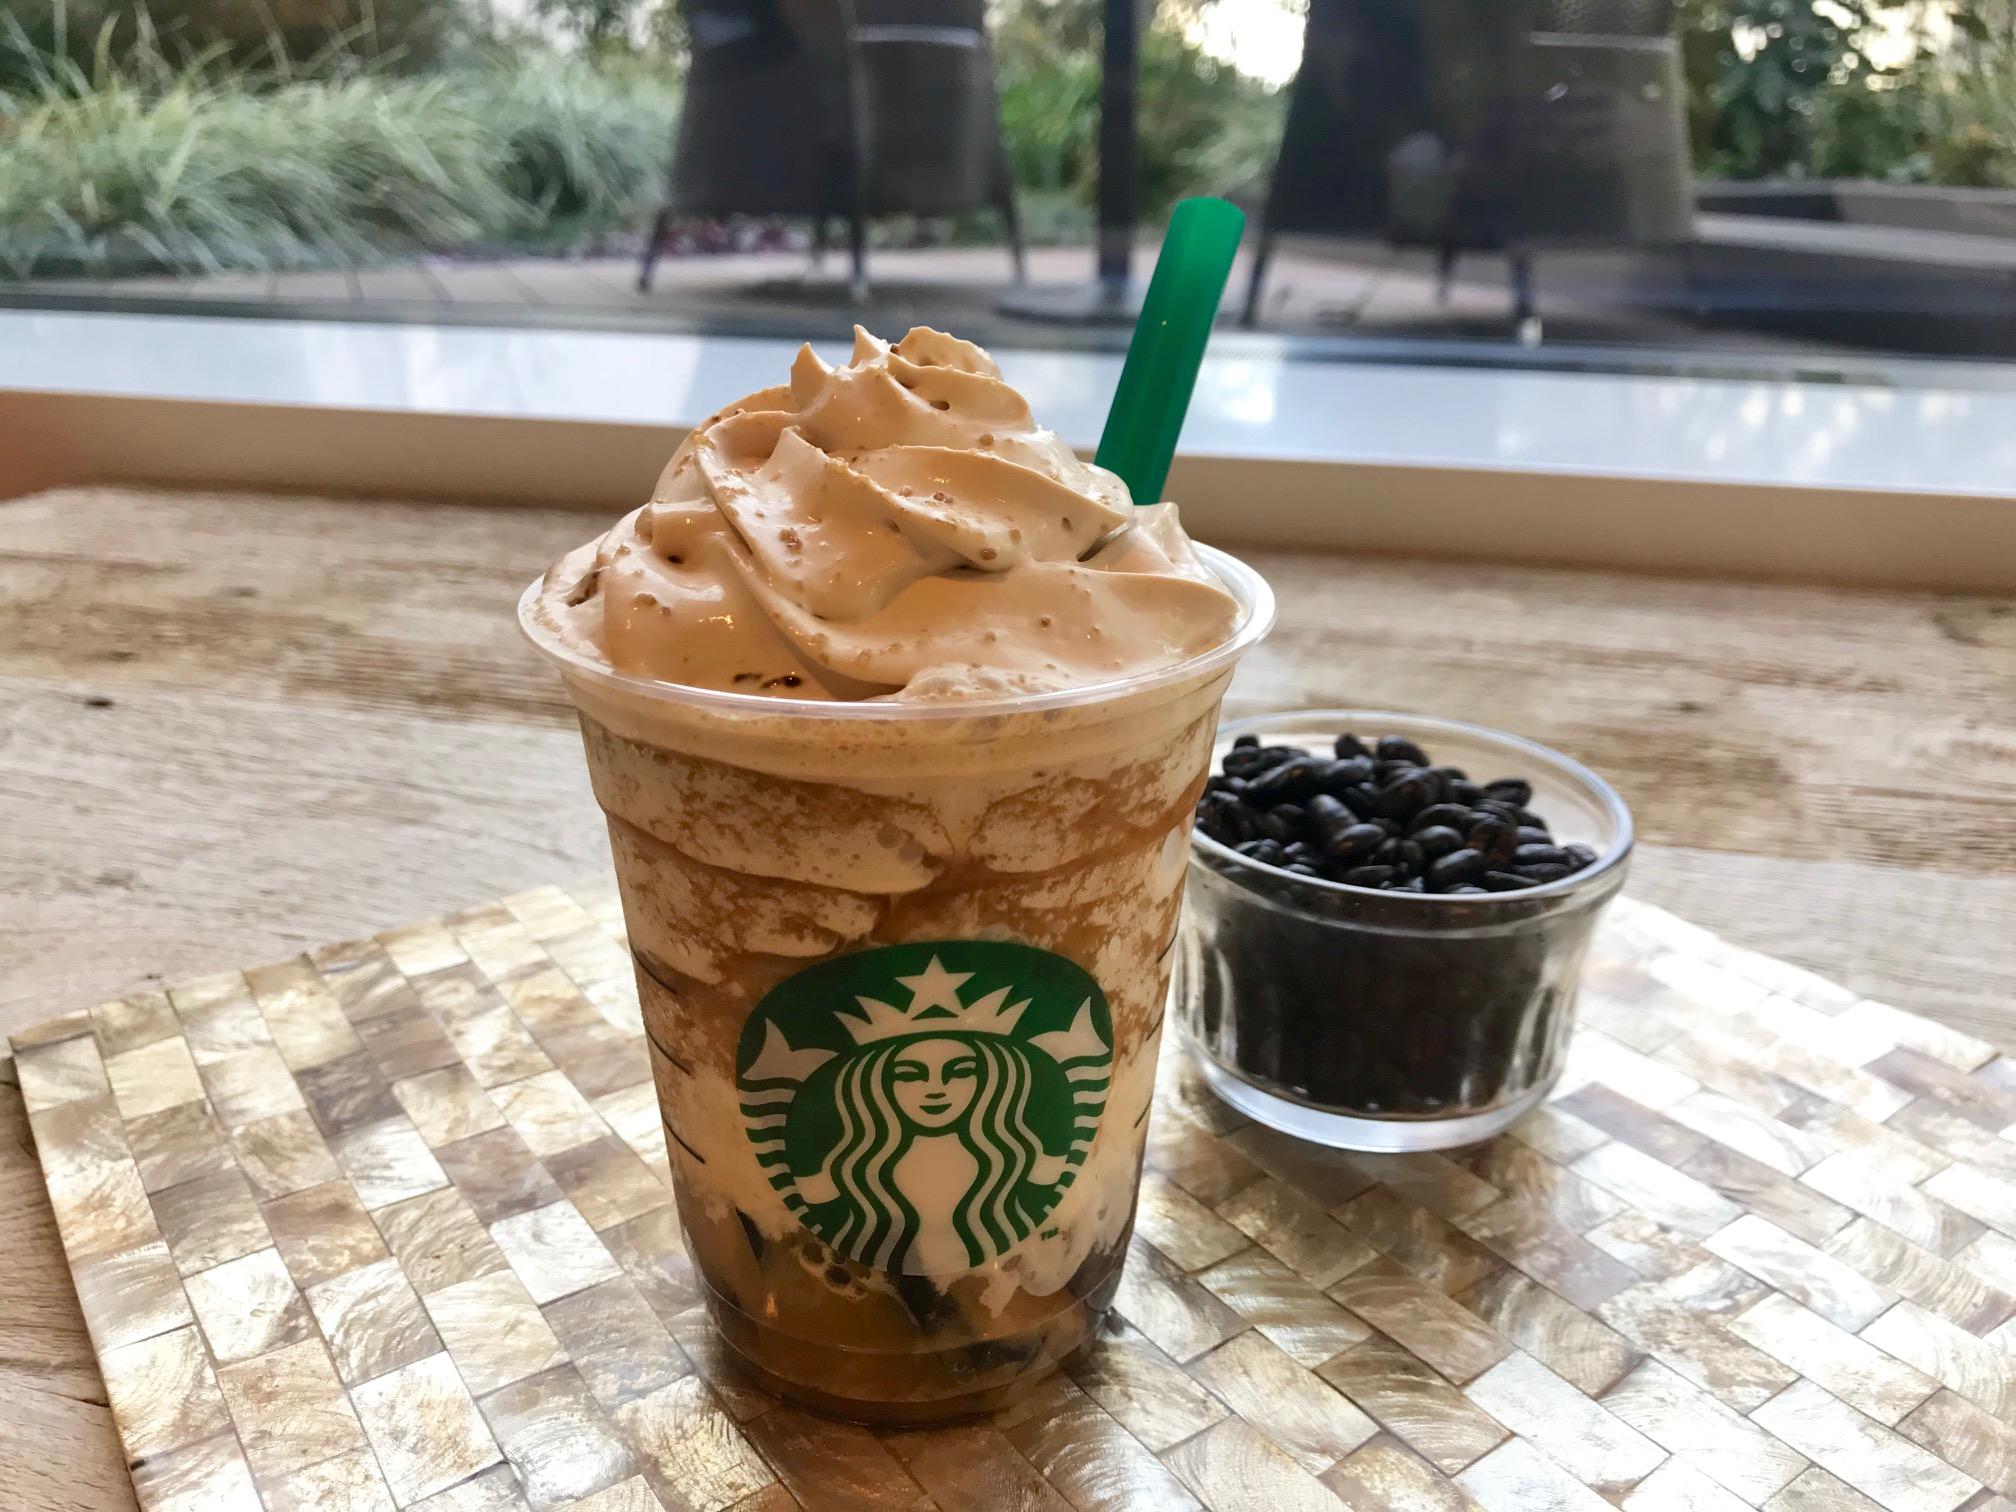 コーヒーを楽しむオトナのための、 「クラフテッド コーヒー ジェリー フラペチーノ」